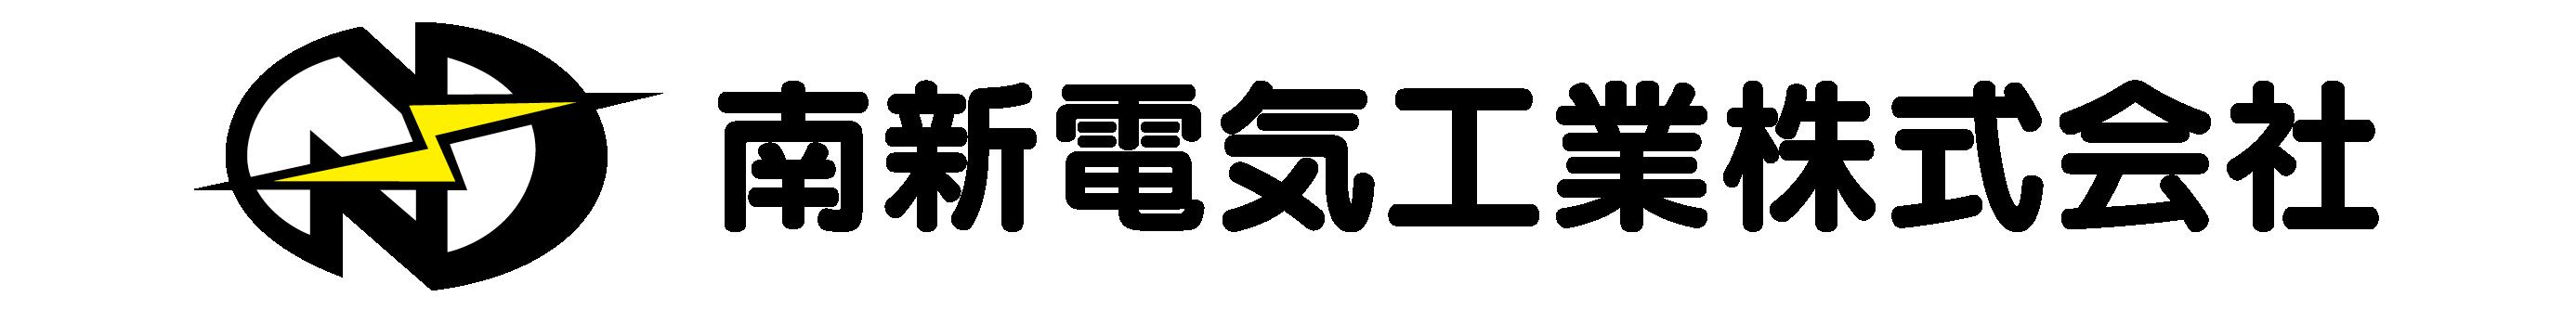 南新電気工業株式会社